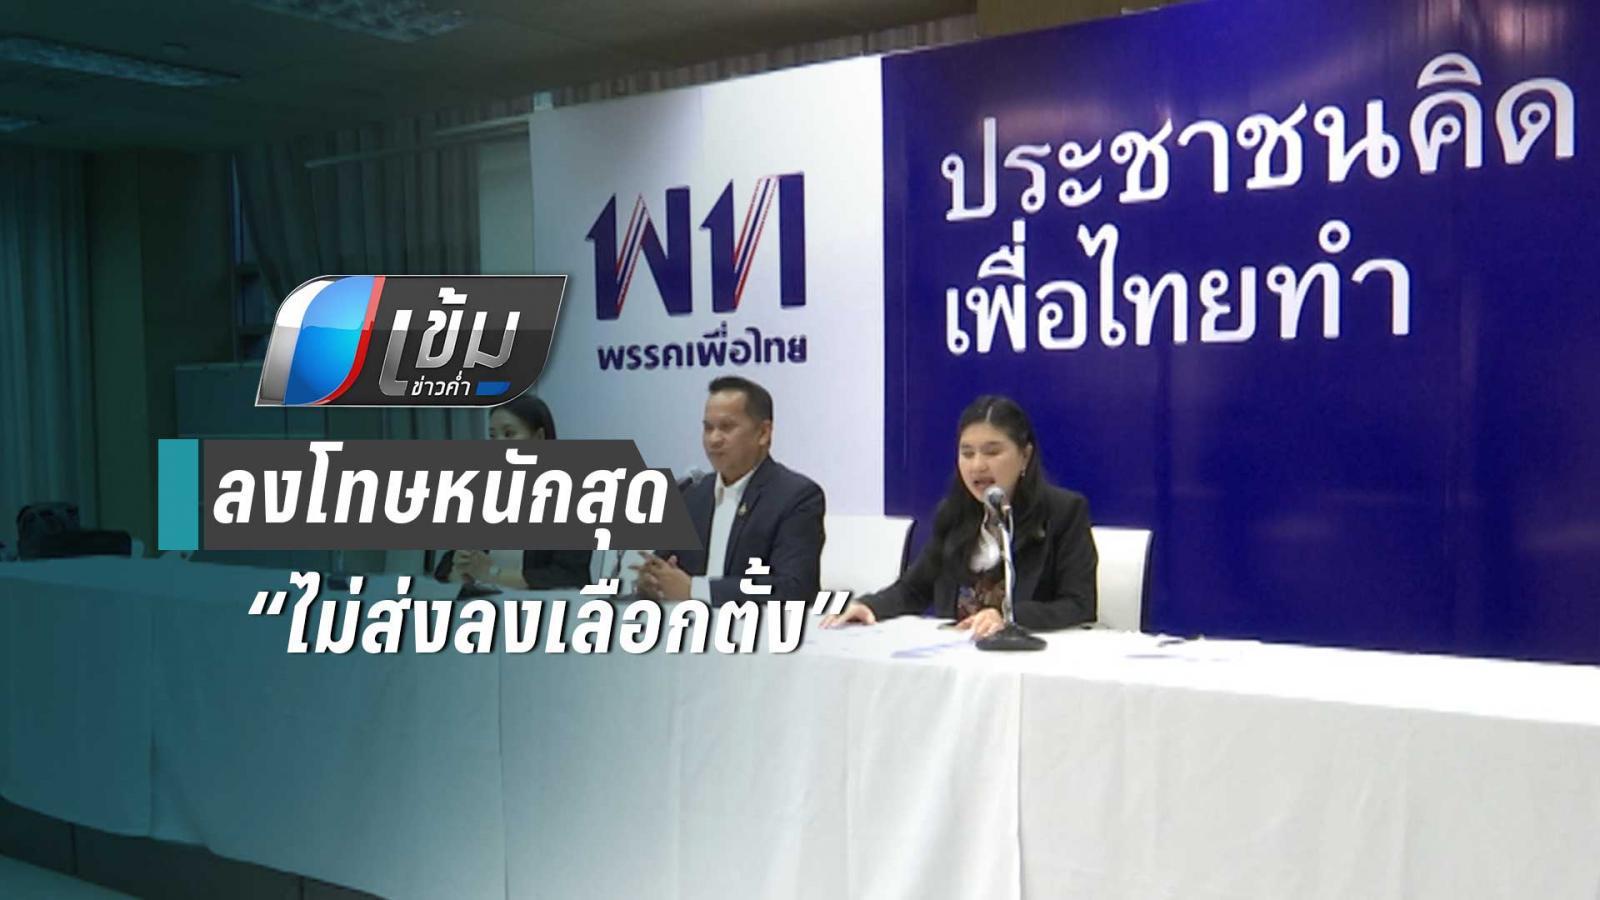 """เพื่อไทย ไม่ขับส.ส.โหวตสวน ลงโทษหนักสุด """"ไม่ส่งลงเลือกตั้ง"""""""